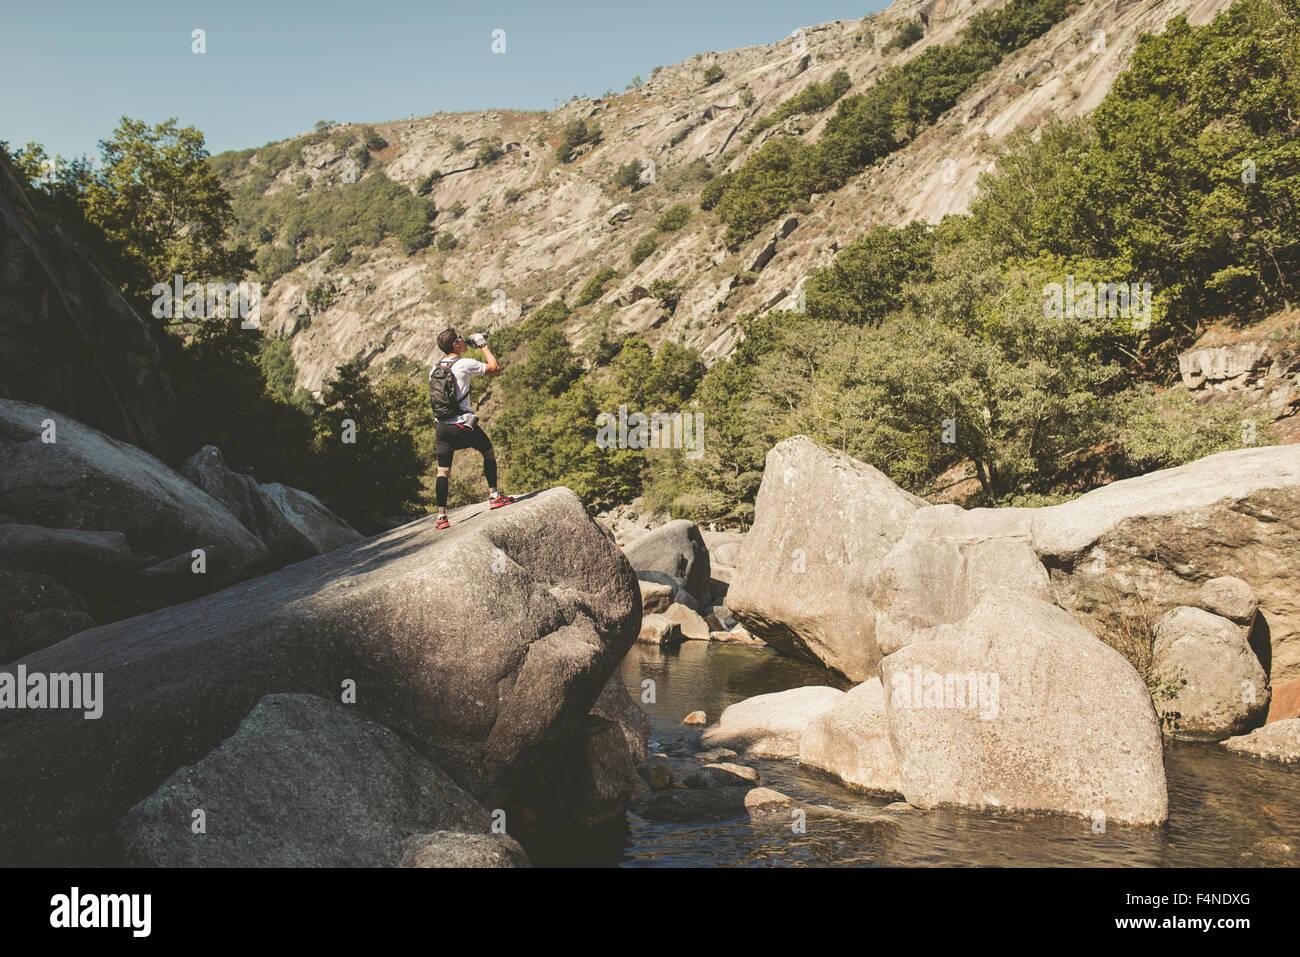 Spagna Galizia, un Capela, Ultra trail runner bere presso il canyon del fiume Eume Immagini Stock